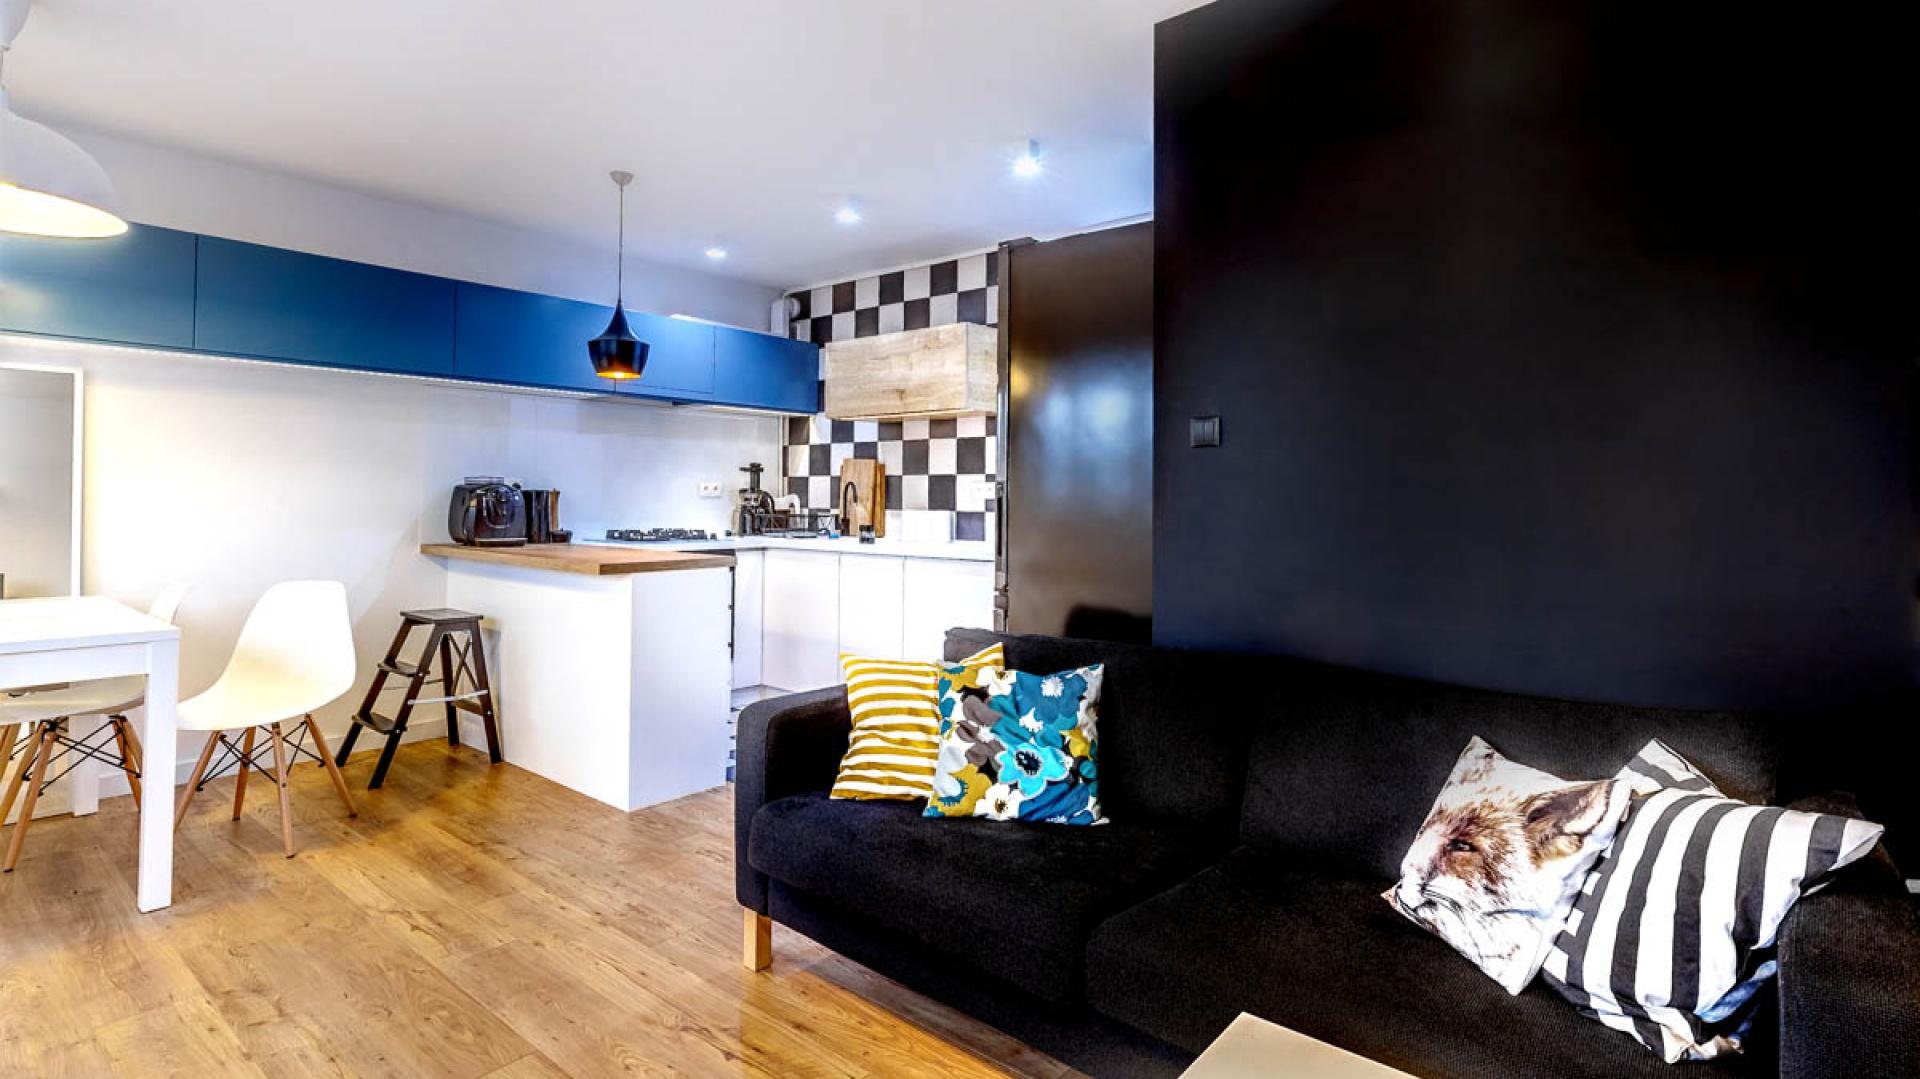 Mieszkanie podzielono na dwie strefy. Przestrzeń dzienna służy podejmowaniu gości i urządzaniu imprez. W jej skład weszły kuchnia z półwyspem, jadalnia i salon z kącikiem audio. Projekt: COCO Pracownia projektowania wnętrz. Fot. Łukasz Markowicz.